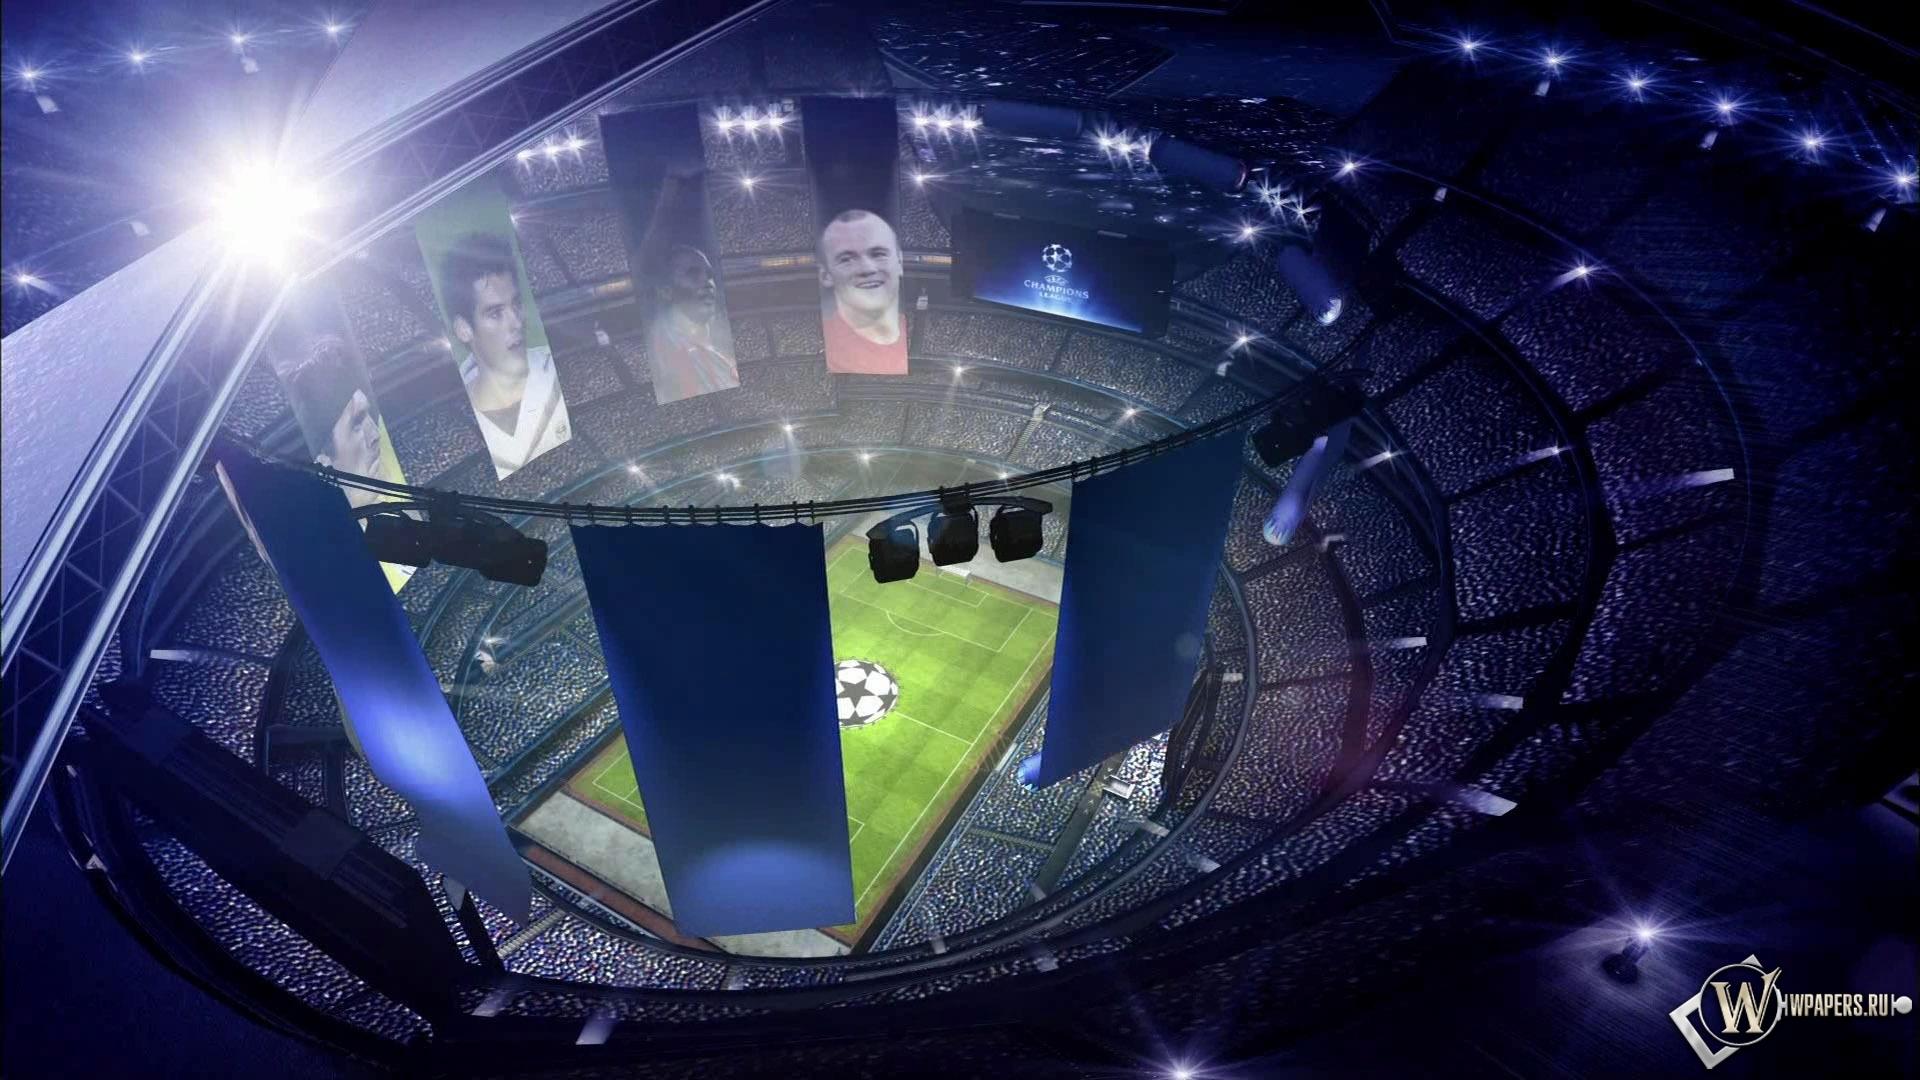 футбол 1 Wallpaper: Скачать обои Лига чемпионов (Футбол, Лига чемпионов